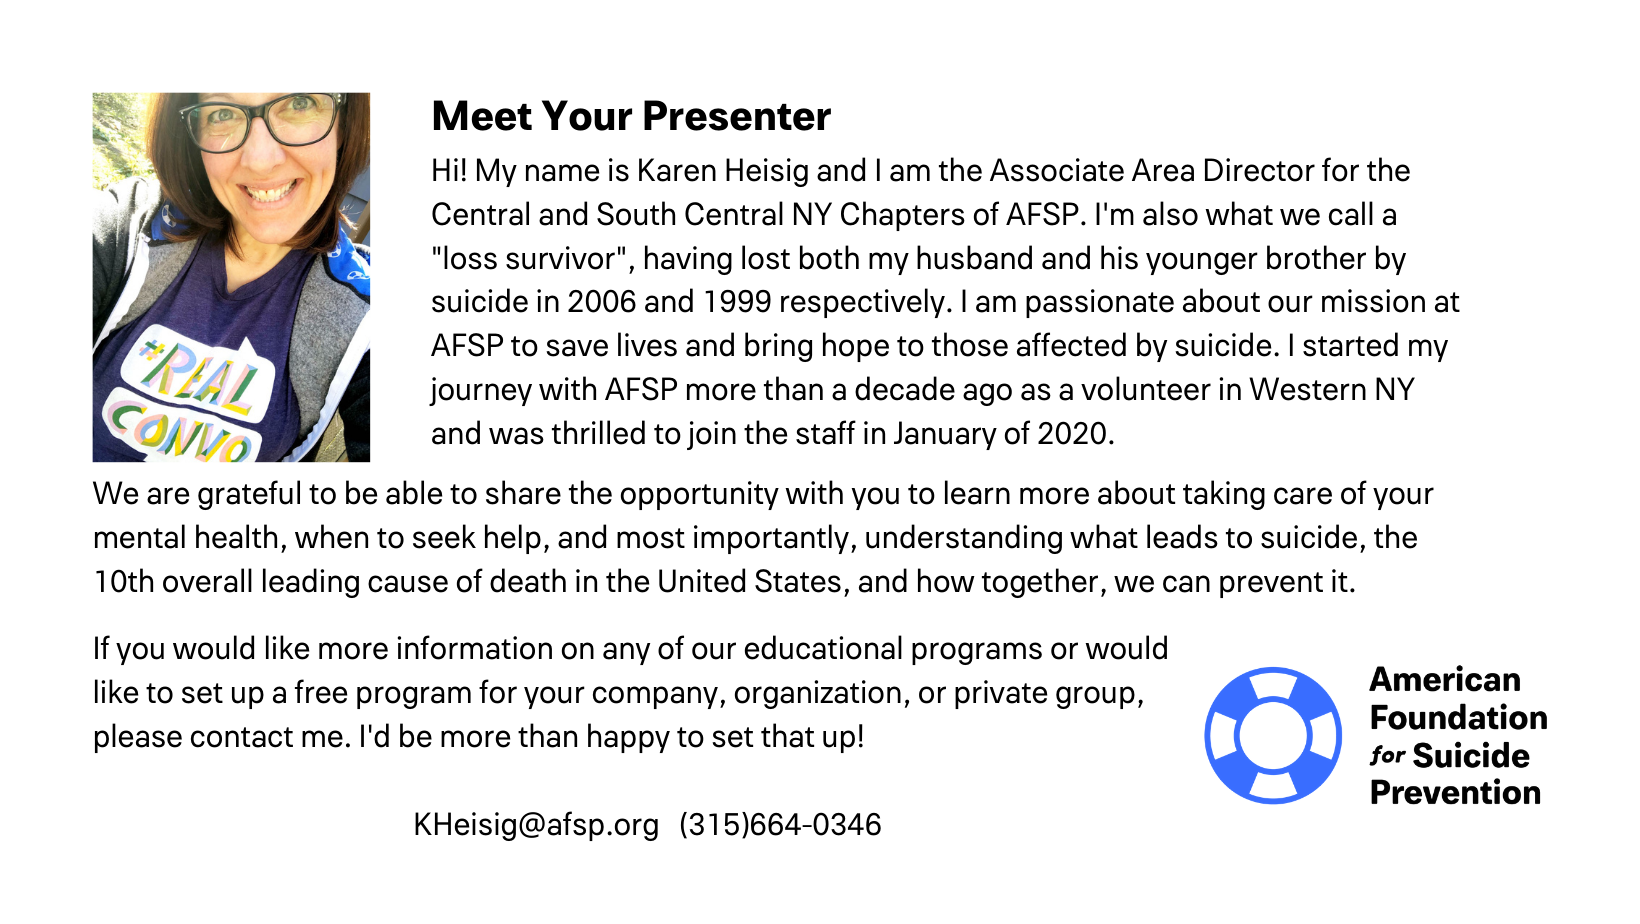 Meet your presenter!